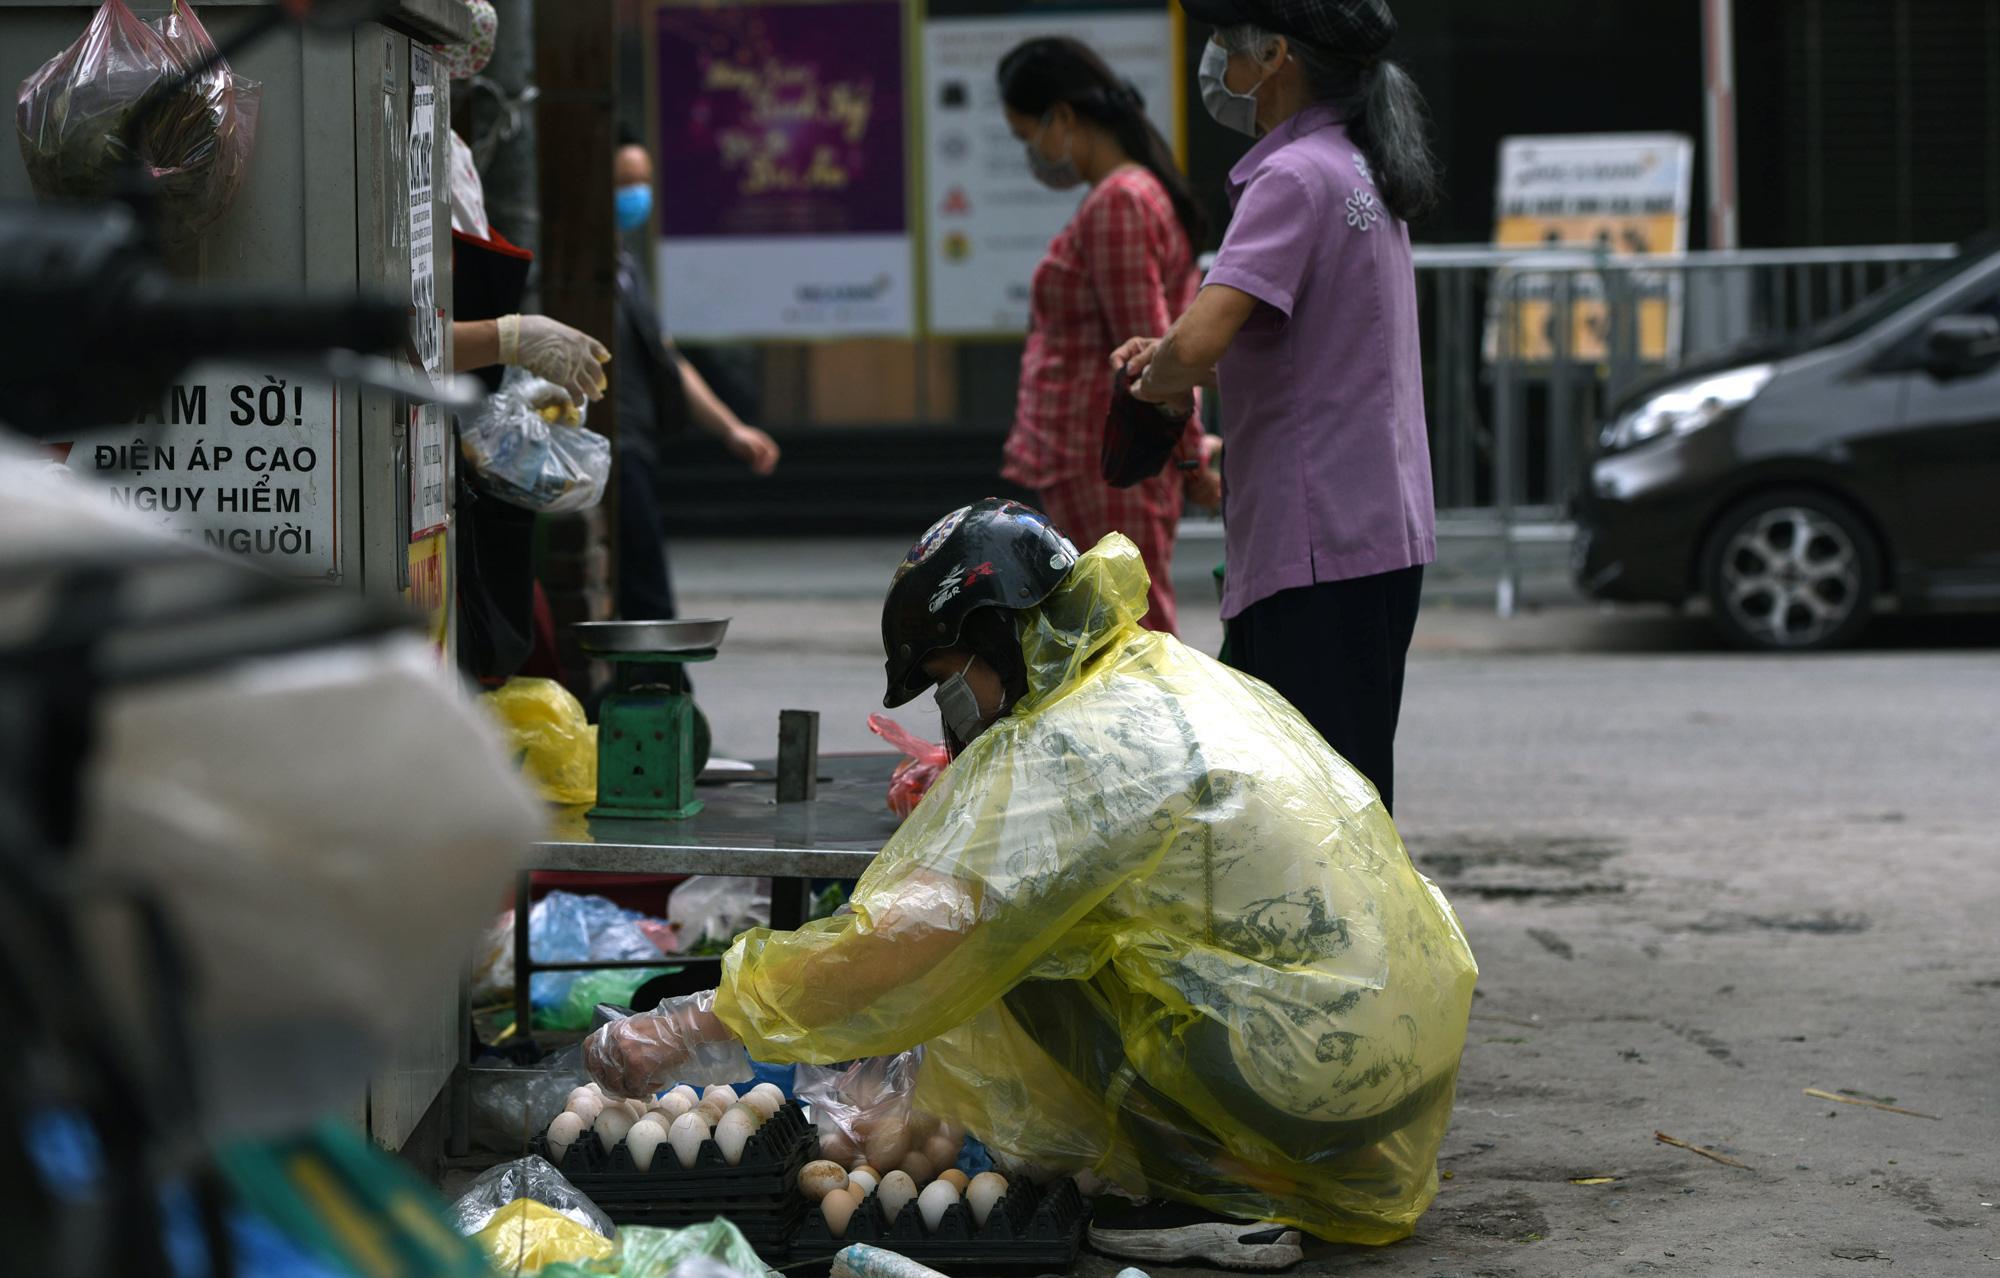 Hà Nội giữa dịch Covid-19: Người dân mặc áo mưa đi mua hàng, nhiều quán cà phê vẫn mở cửa - Ảnh 11.